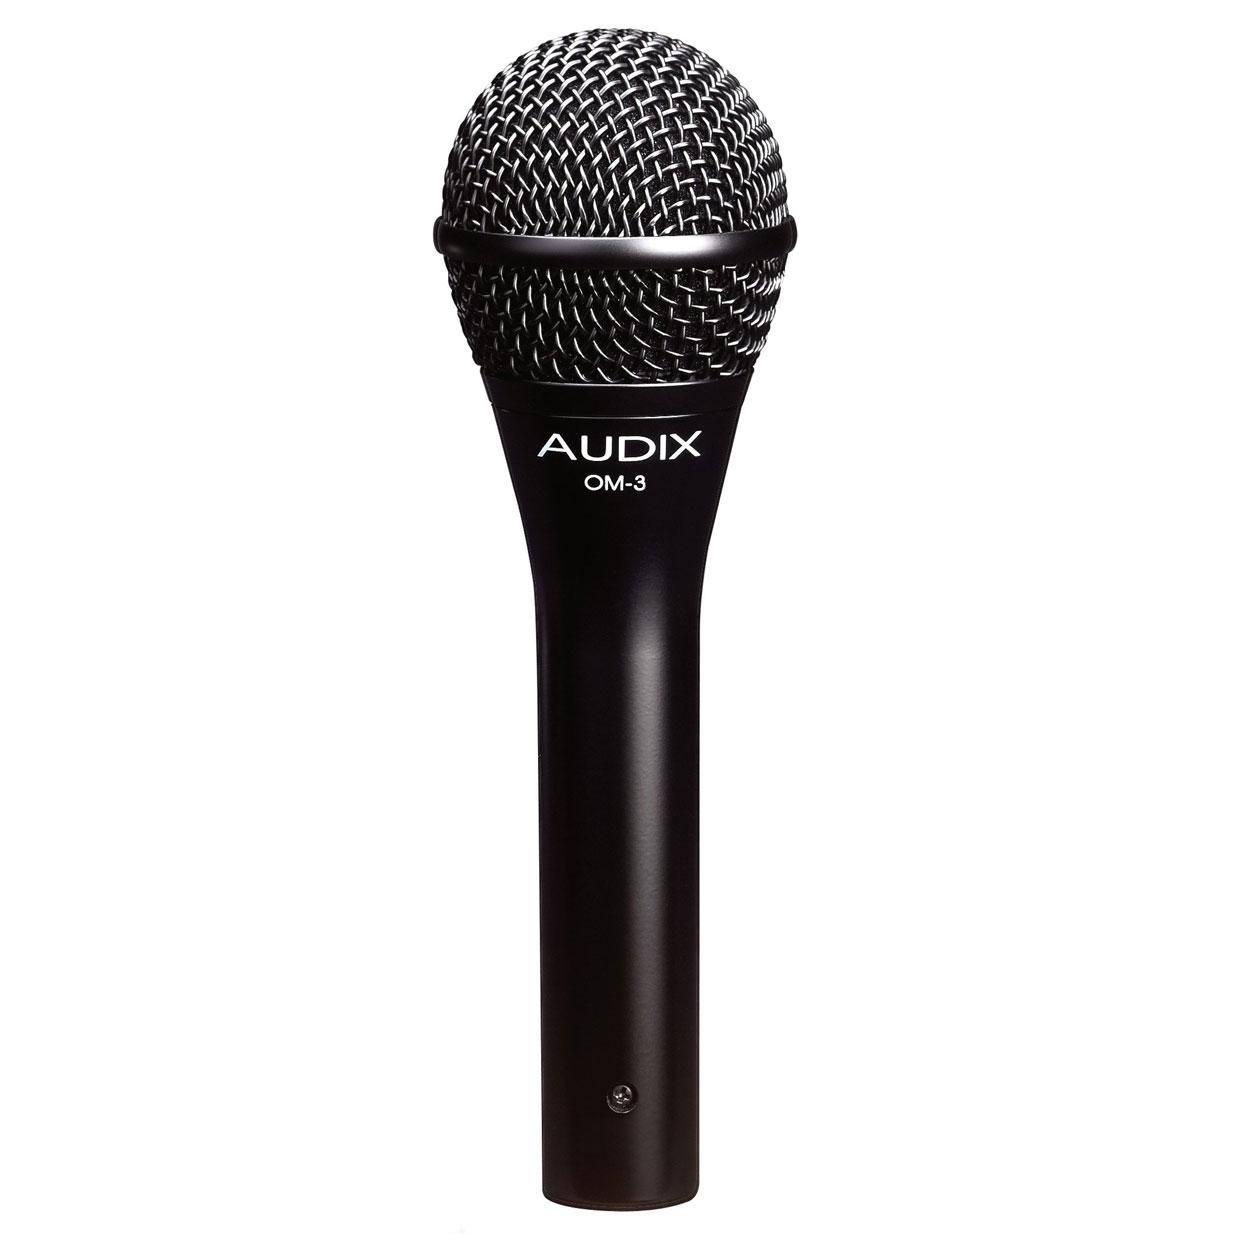 Микрофоны AUDIX. Производитель: AUDIX, артикул: 128712